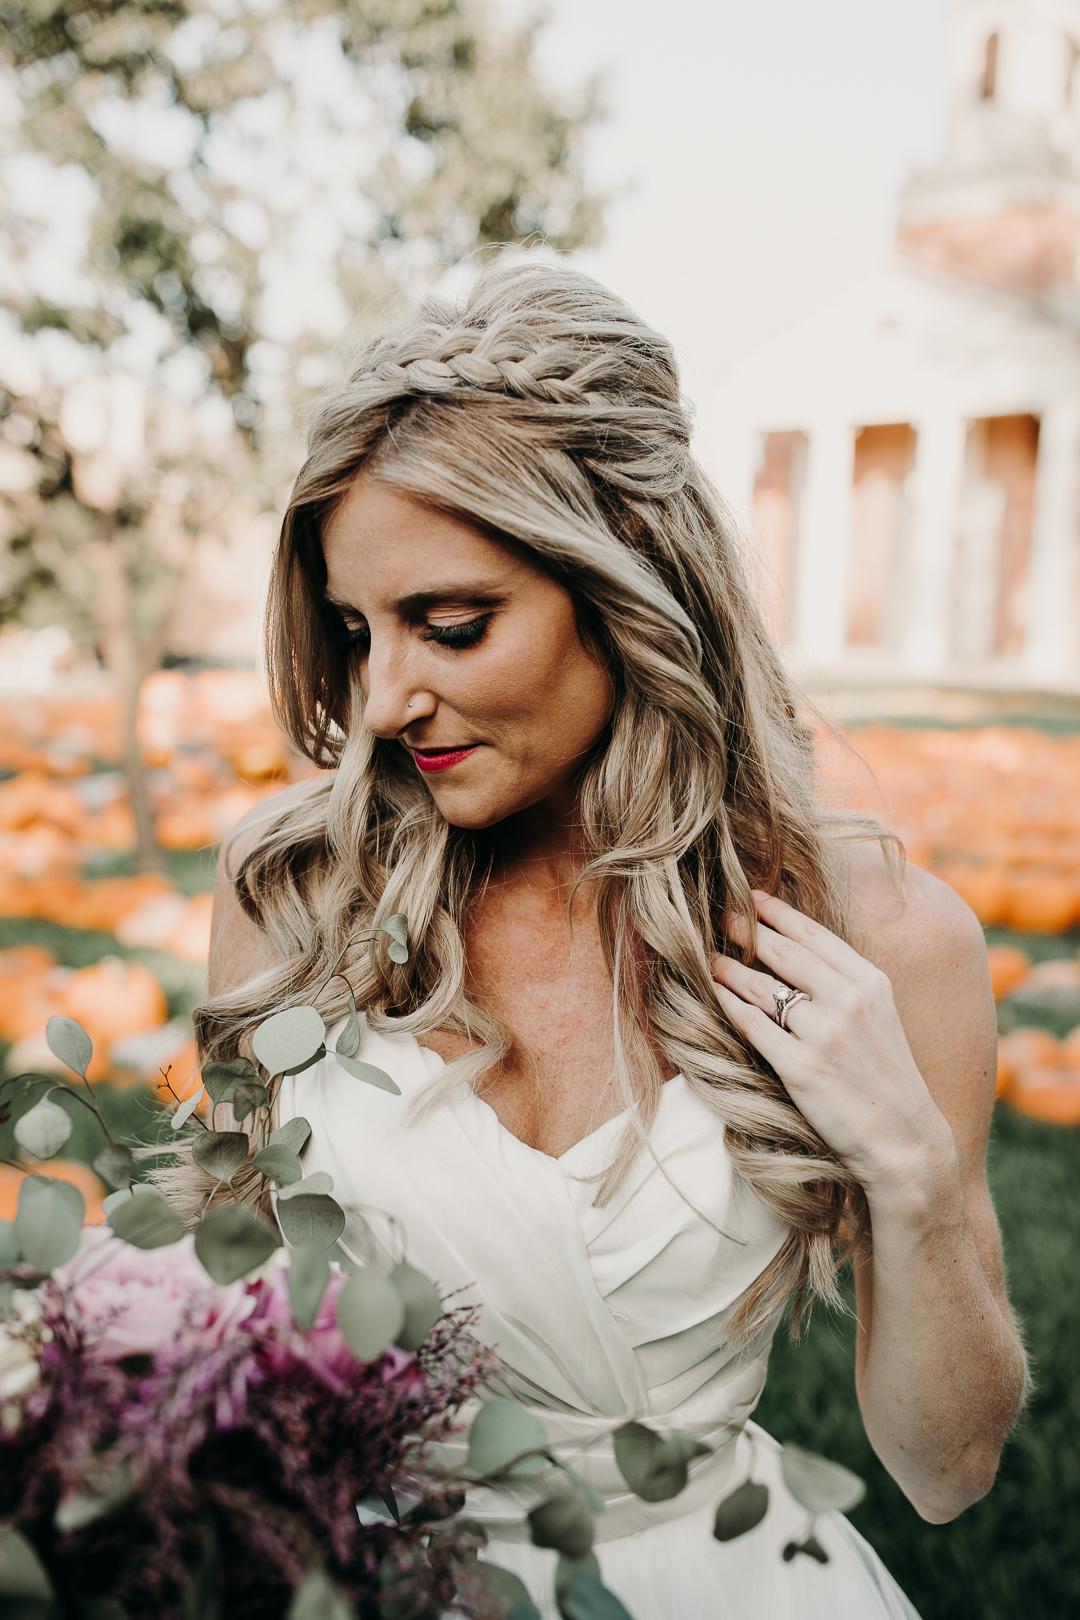 Fall wedding bridal headpiece portrait